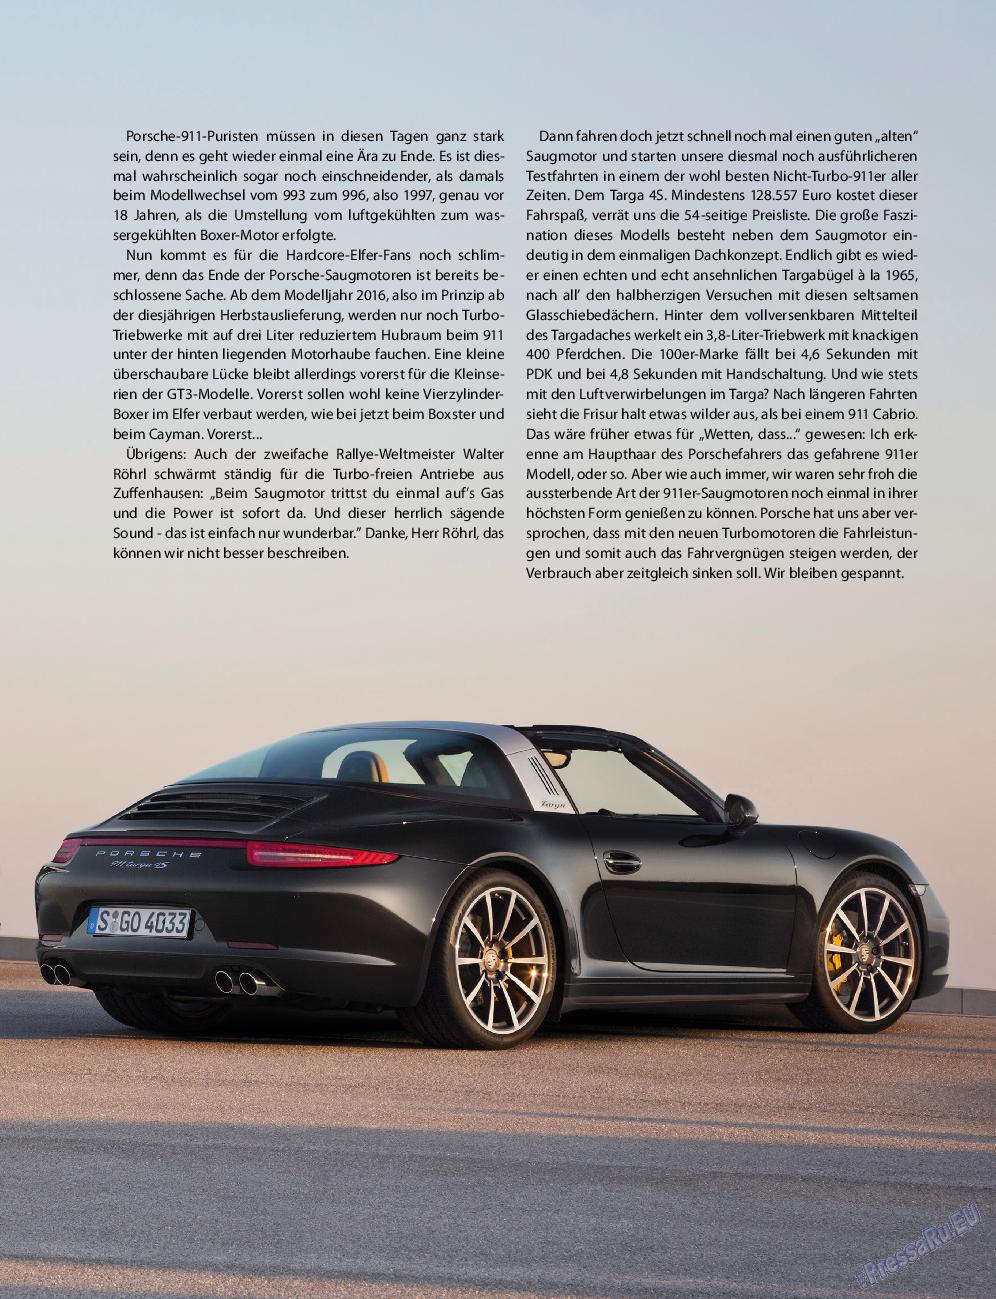 Клан (журнал). 2015 год, номер 9, стр. 125